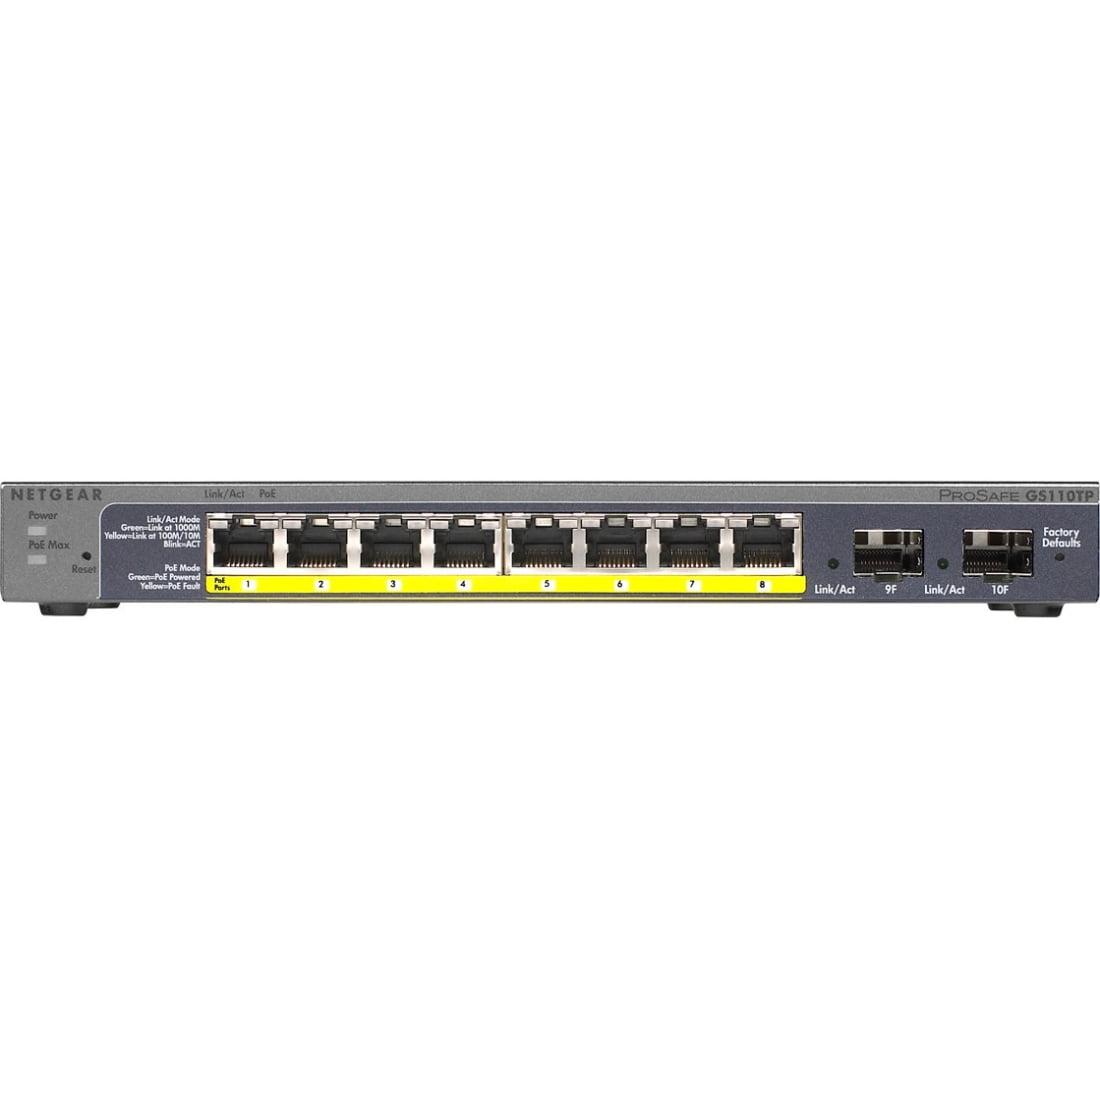 NETGEAR GS110TP Switch Driver